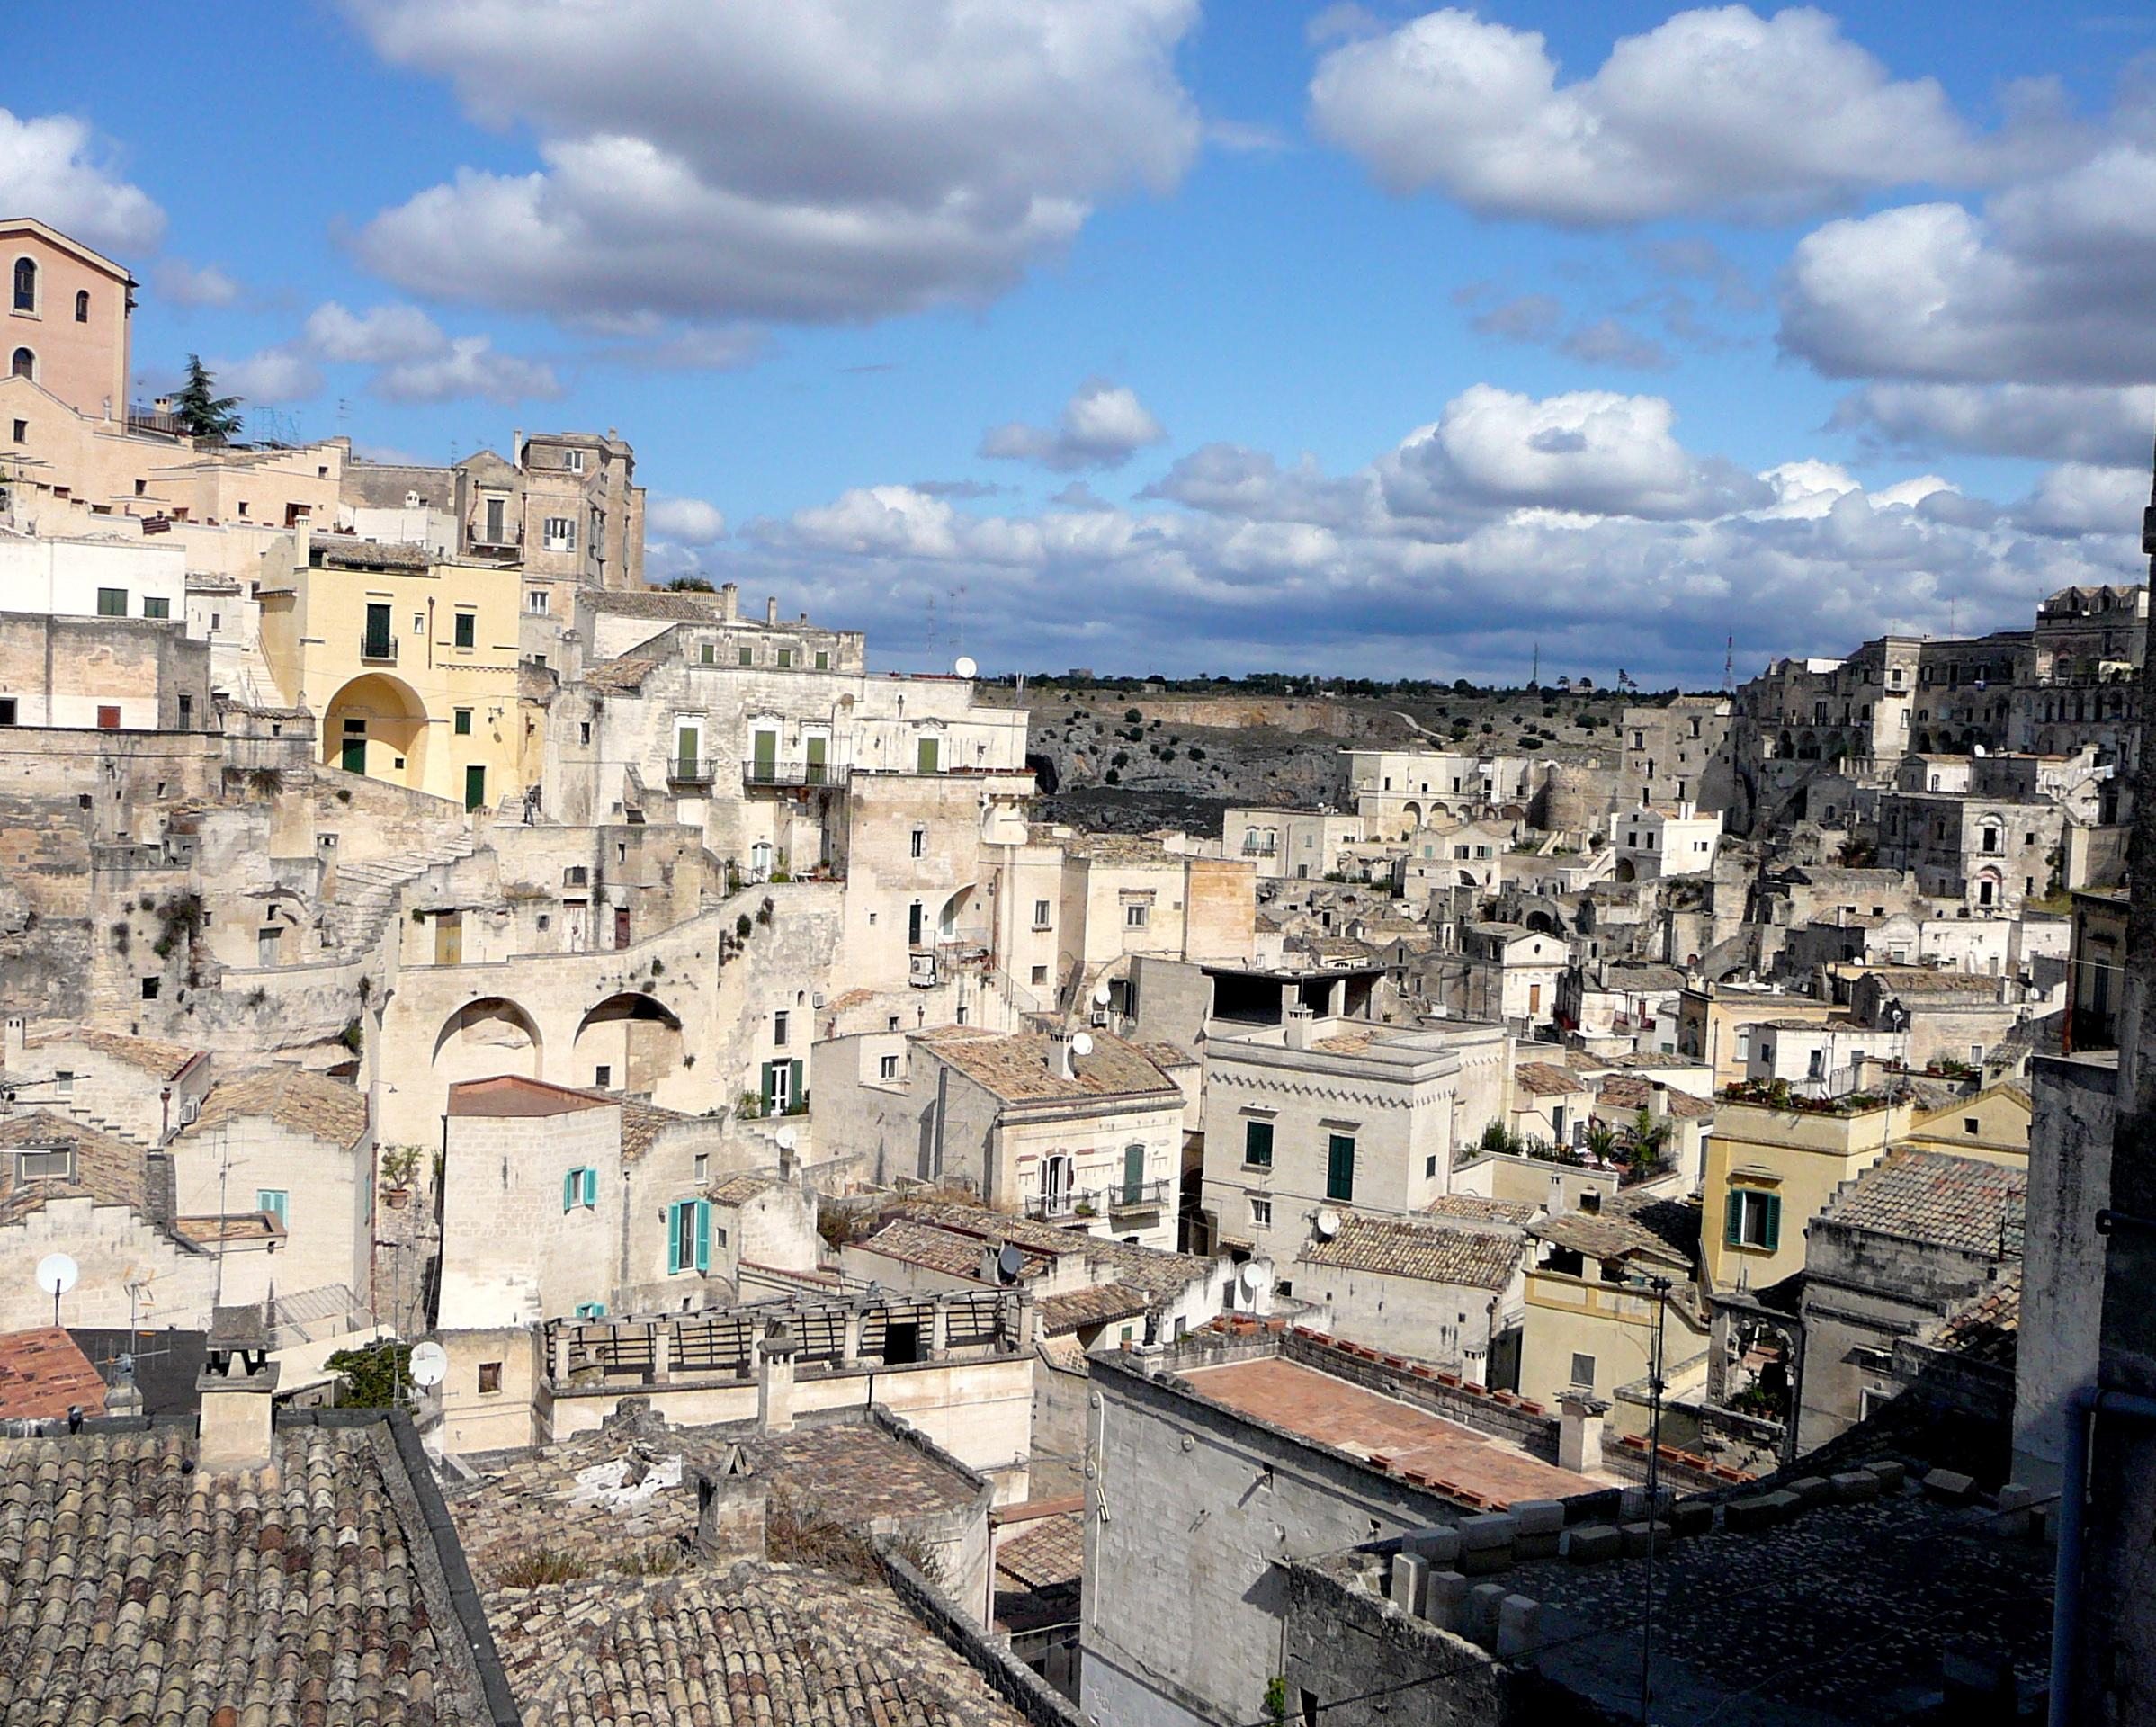 Tuscan Traveler Goes to Matera – City of Stone | Tuscan Traveler